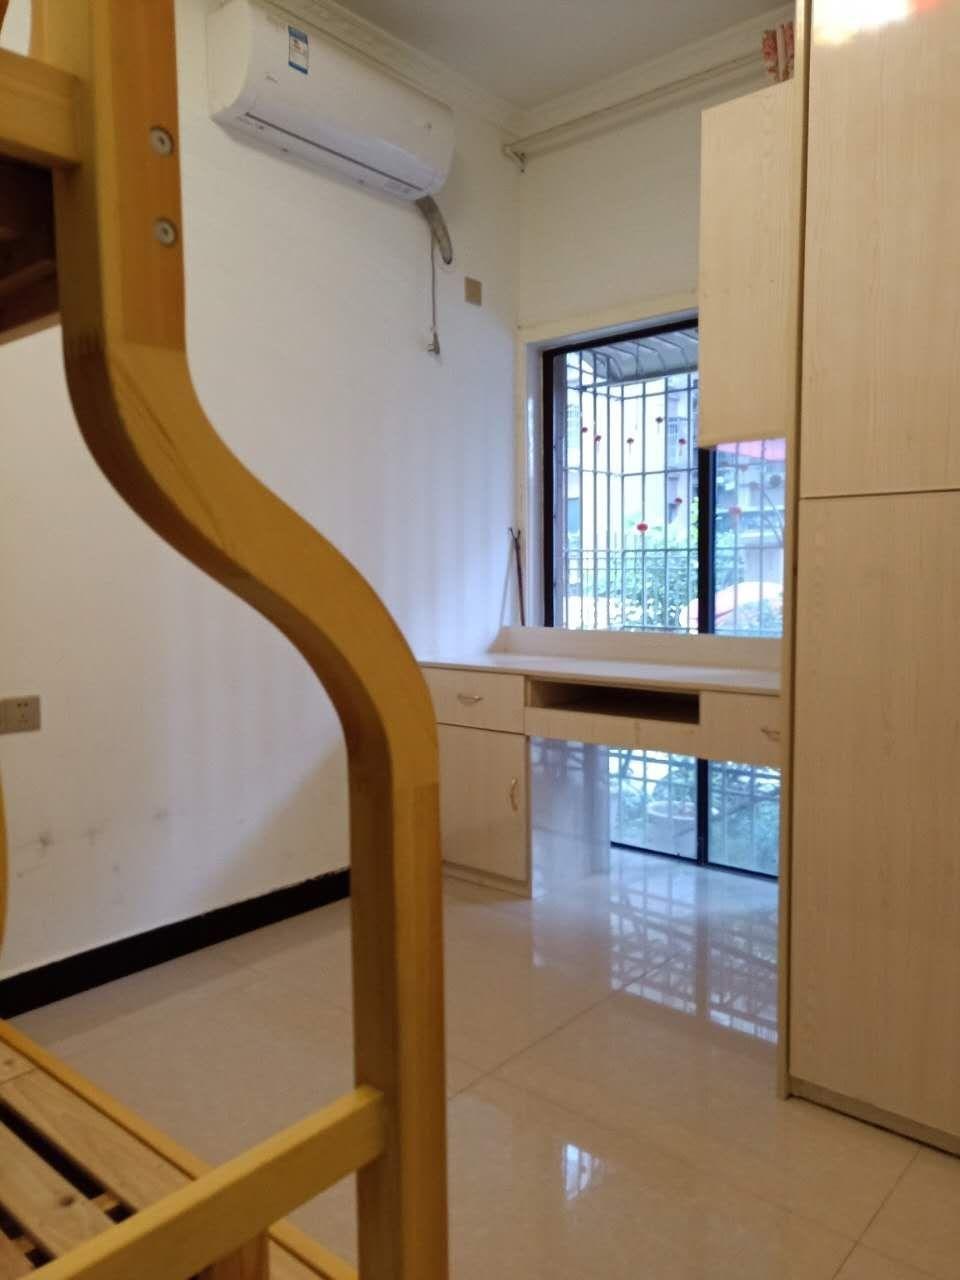 丽都滨河5期3室 2厅 2卫62万元